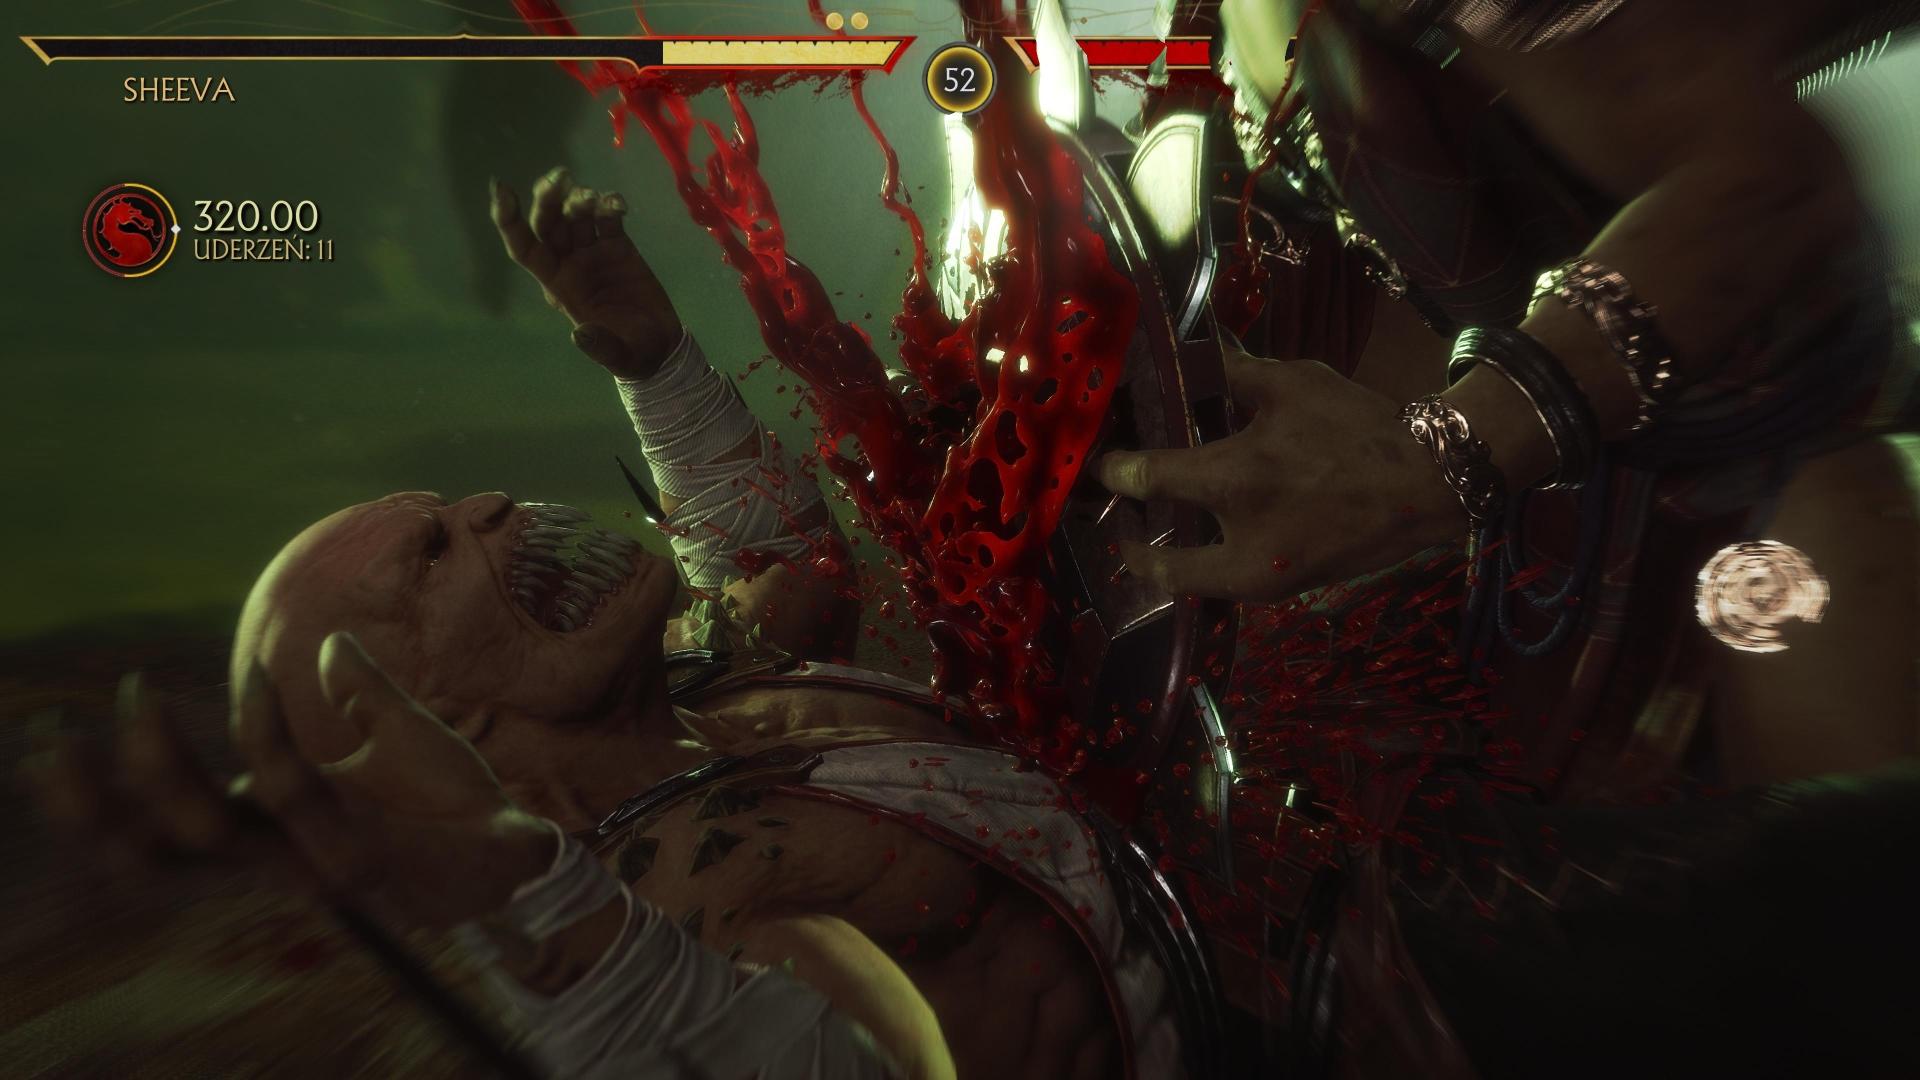 Krwawa scena Mortal Kombat 11